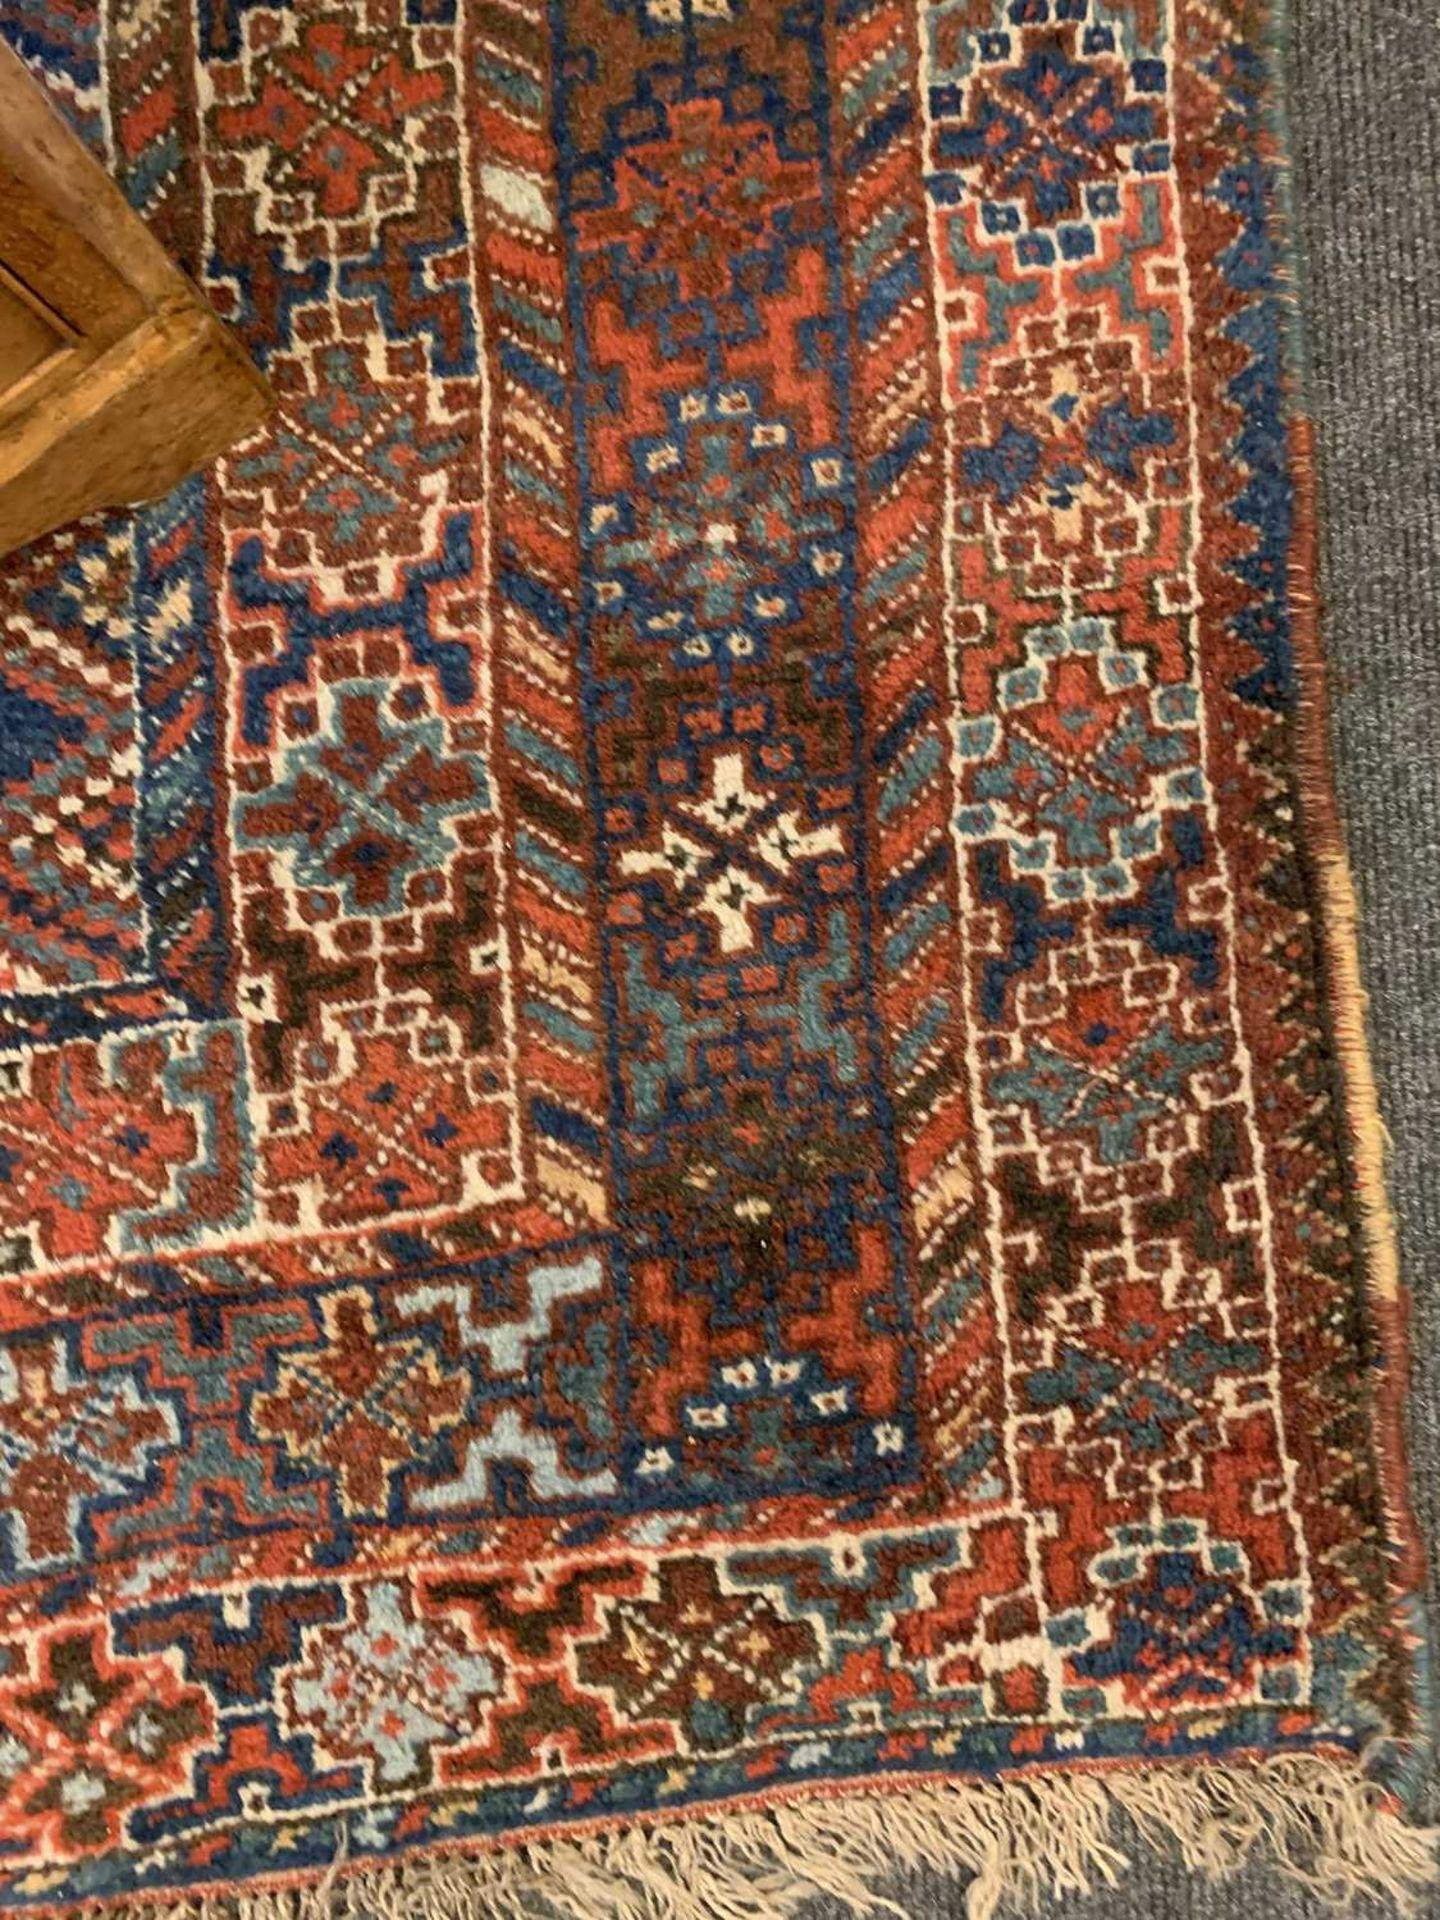 A Persian Khamseh carpet, - Image 6 of 15